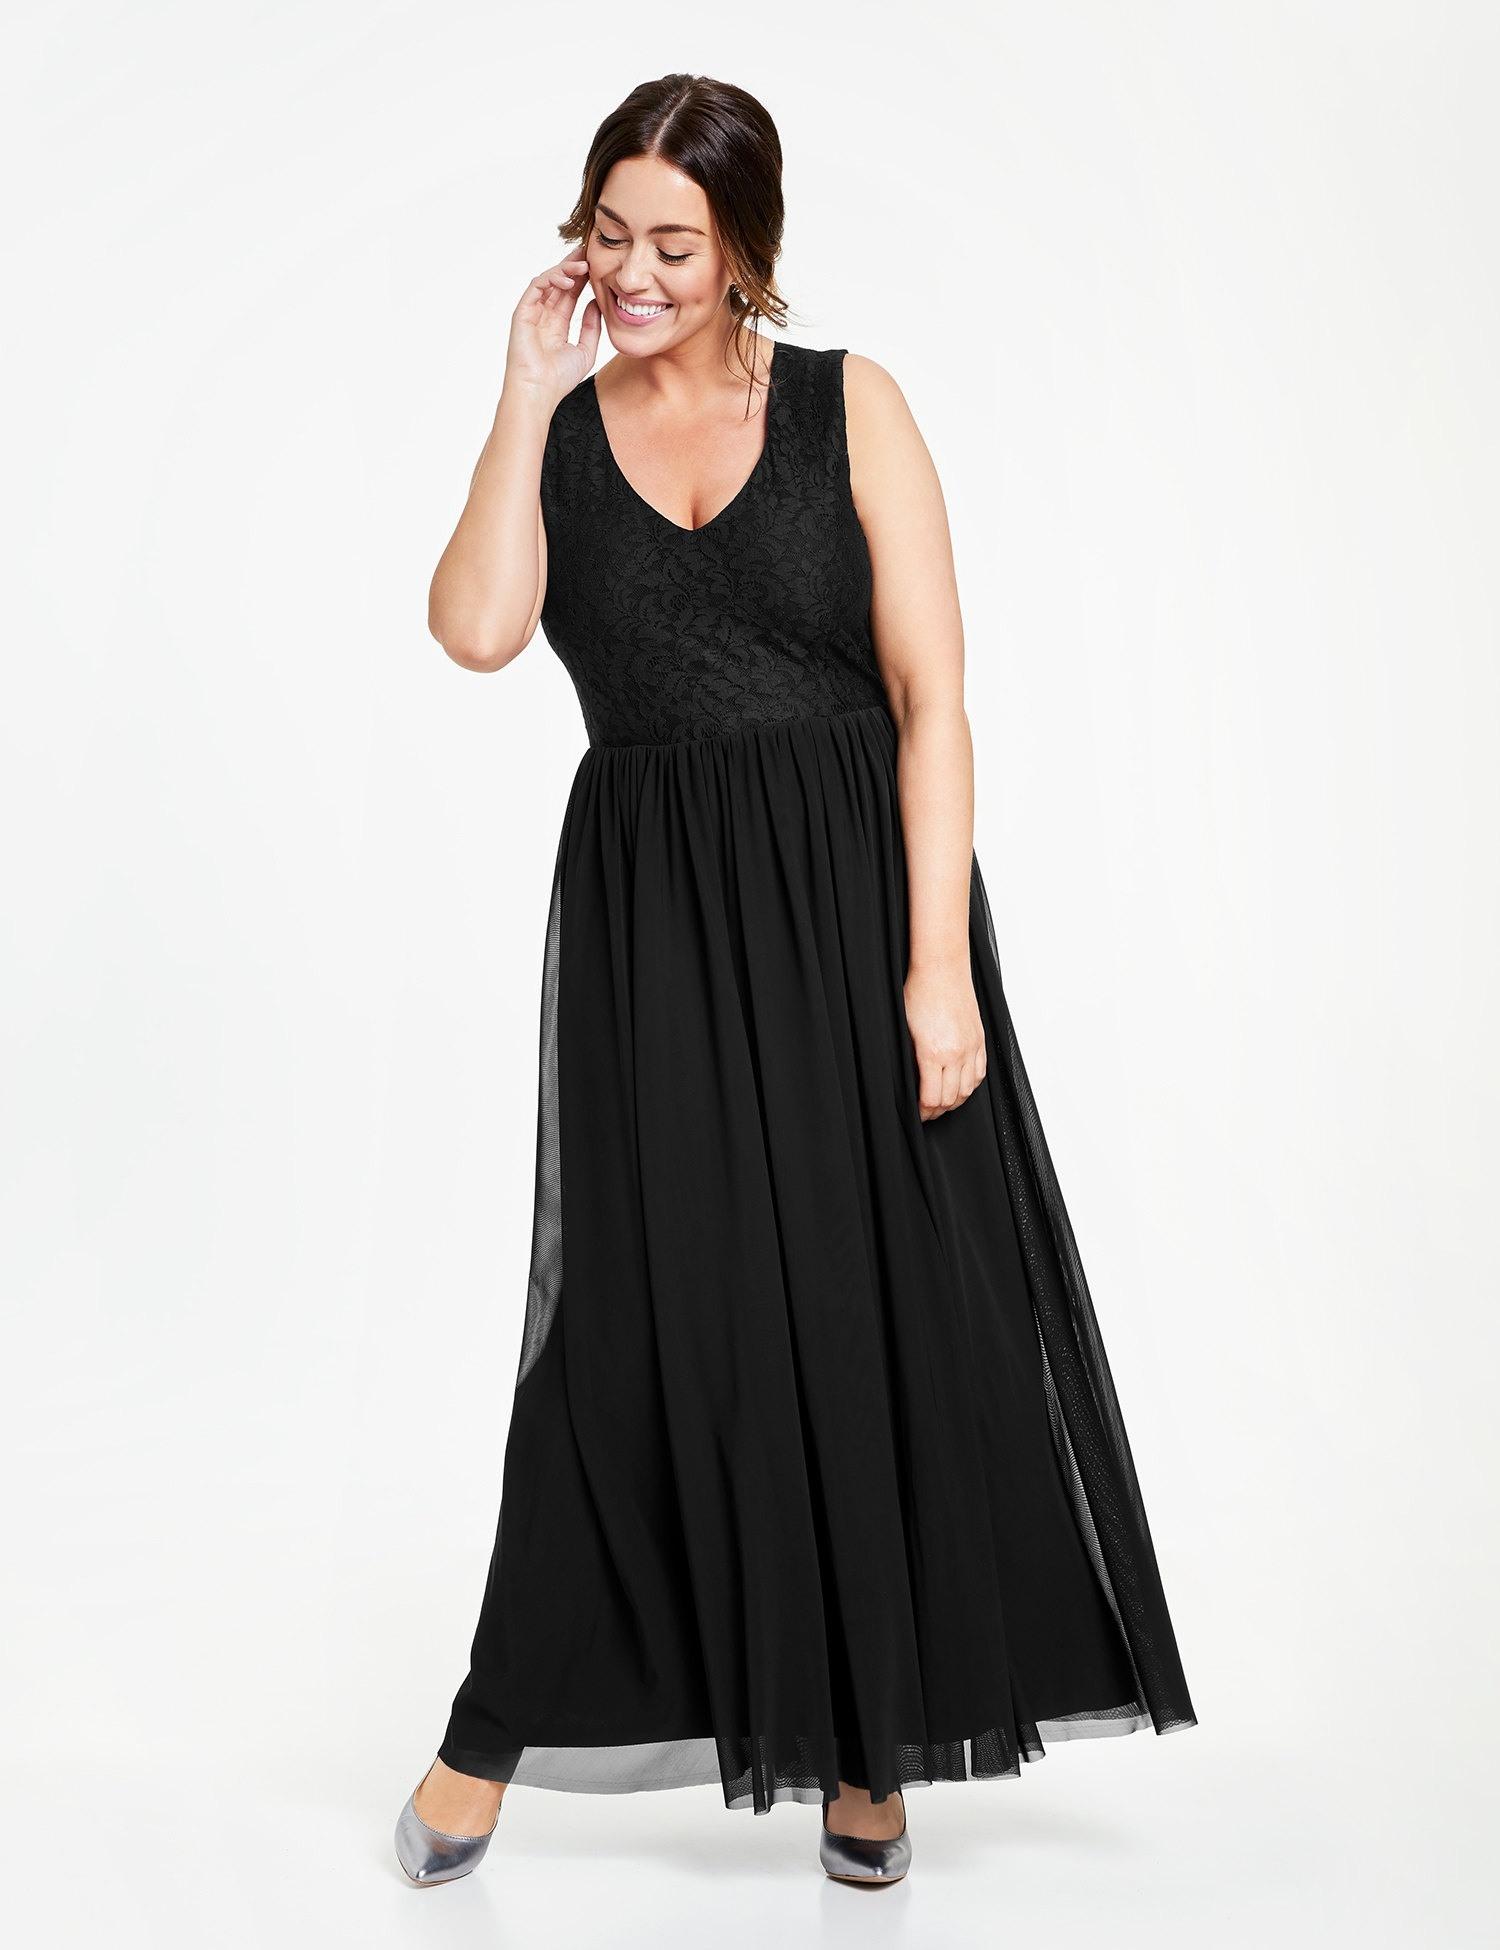 20 Genial Sommerkleider Ab Größe 50 StylishAbend Erstaunlich Sommerkleider Ab Größe 50 Bester Preis